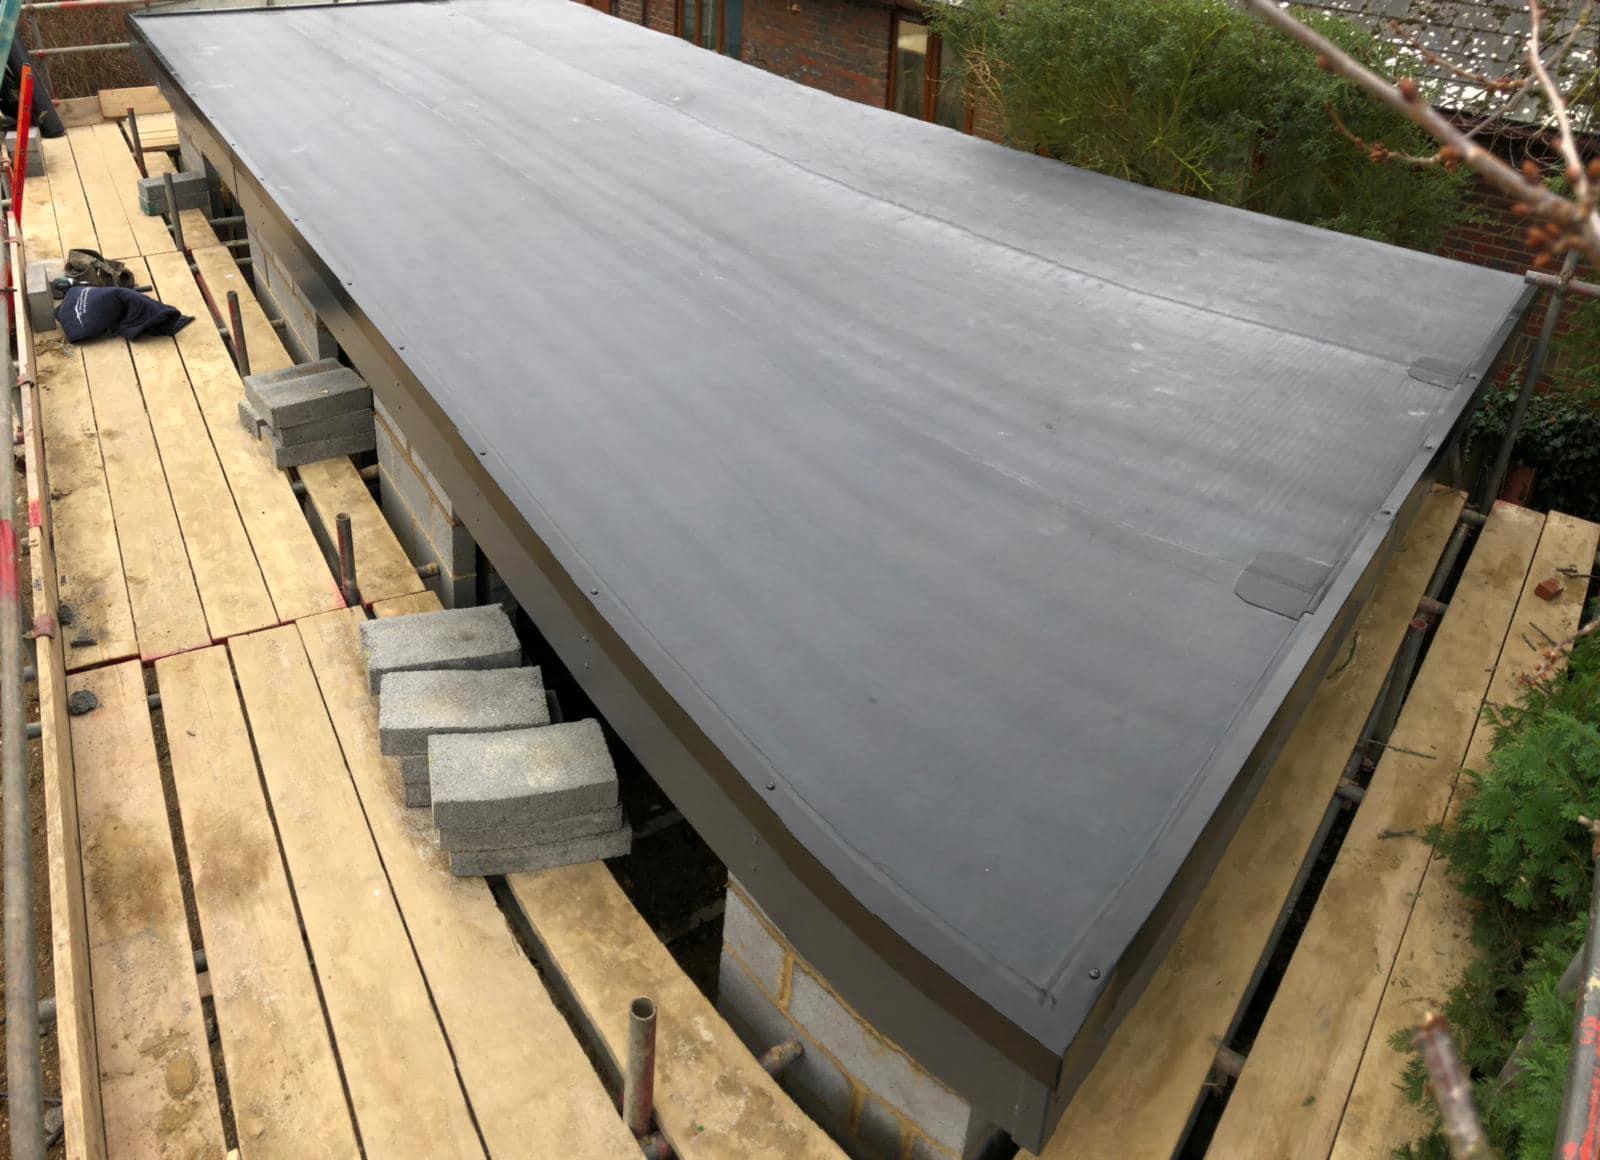 d haynes roofing, milton keynes roof repair, northamptonshire roofer, bedford roofing, epdm rubber flat roof.jpg